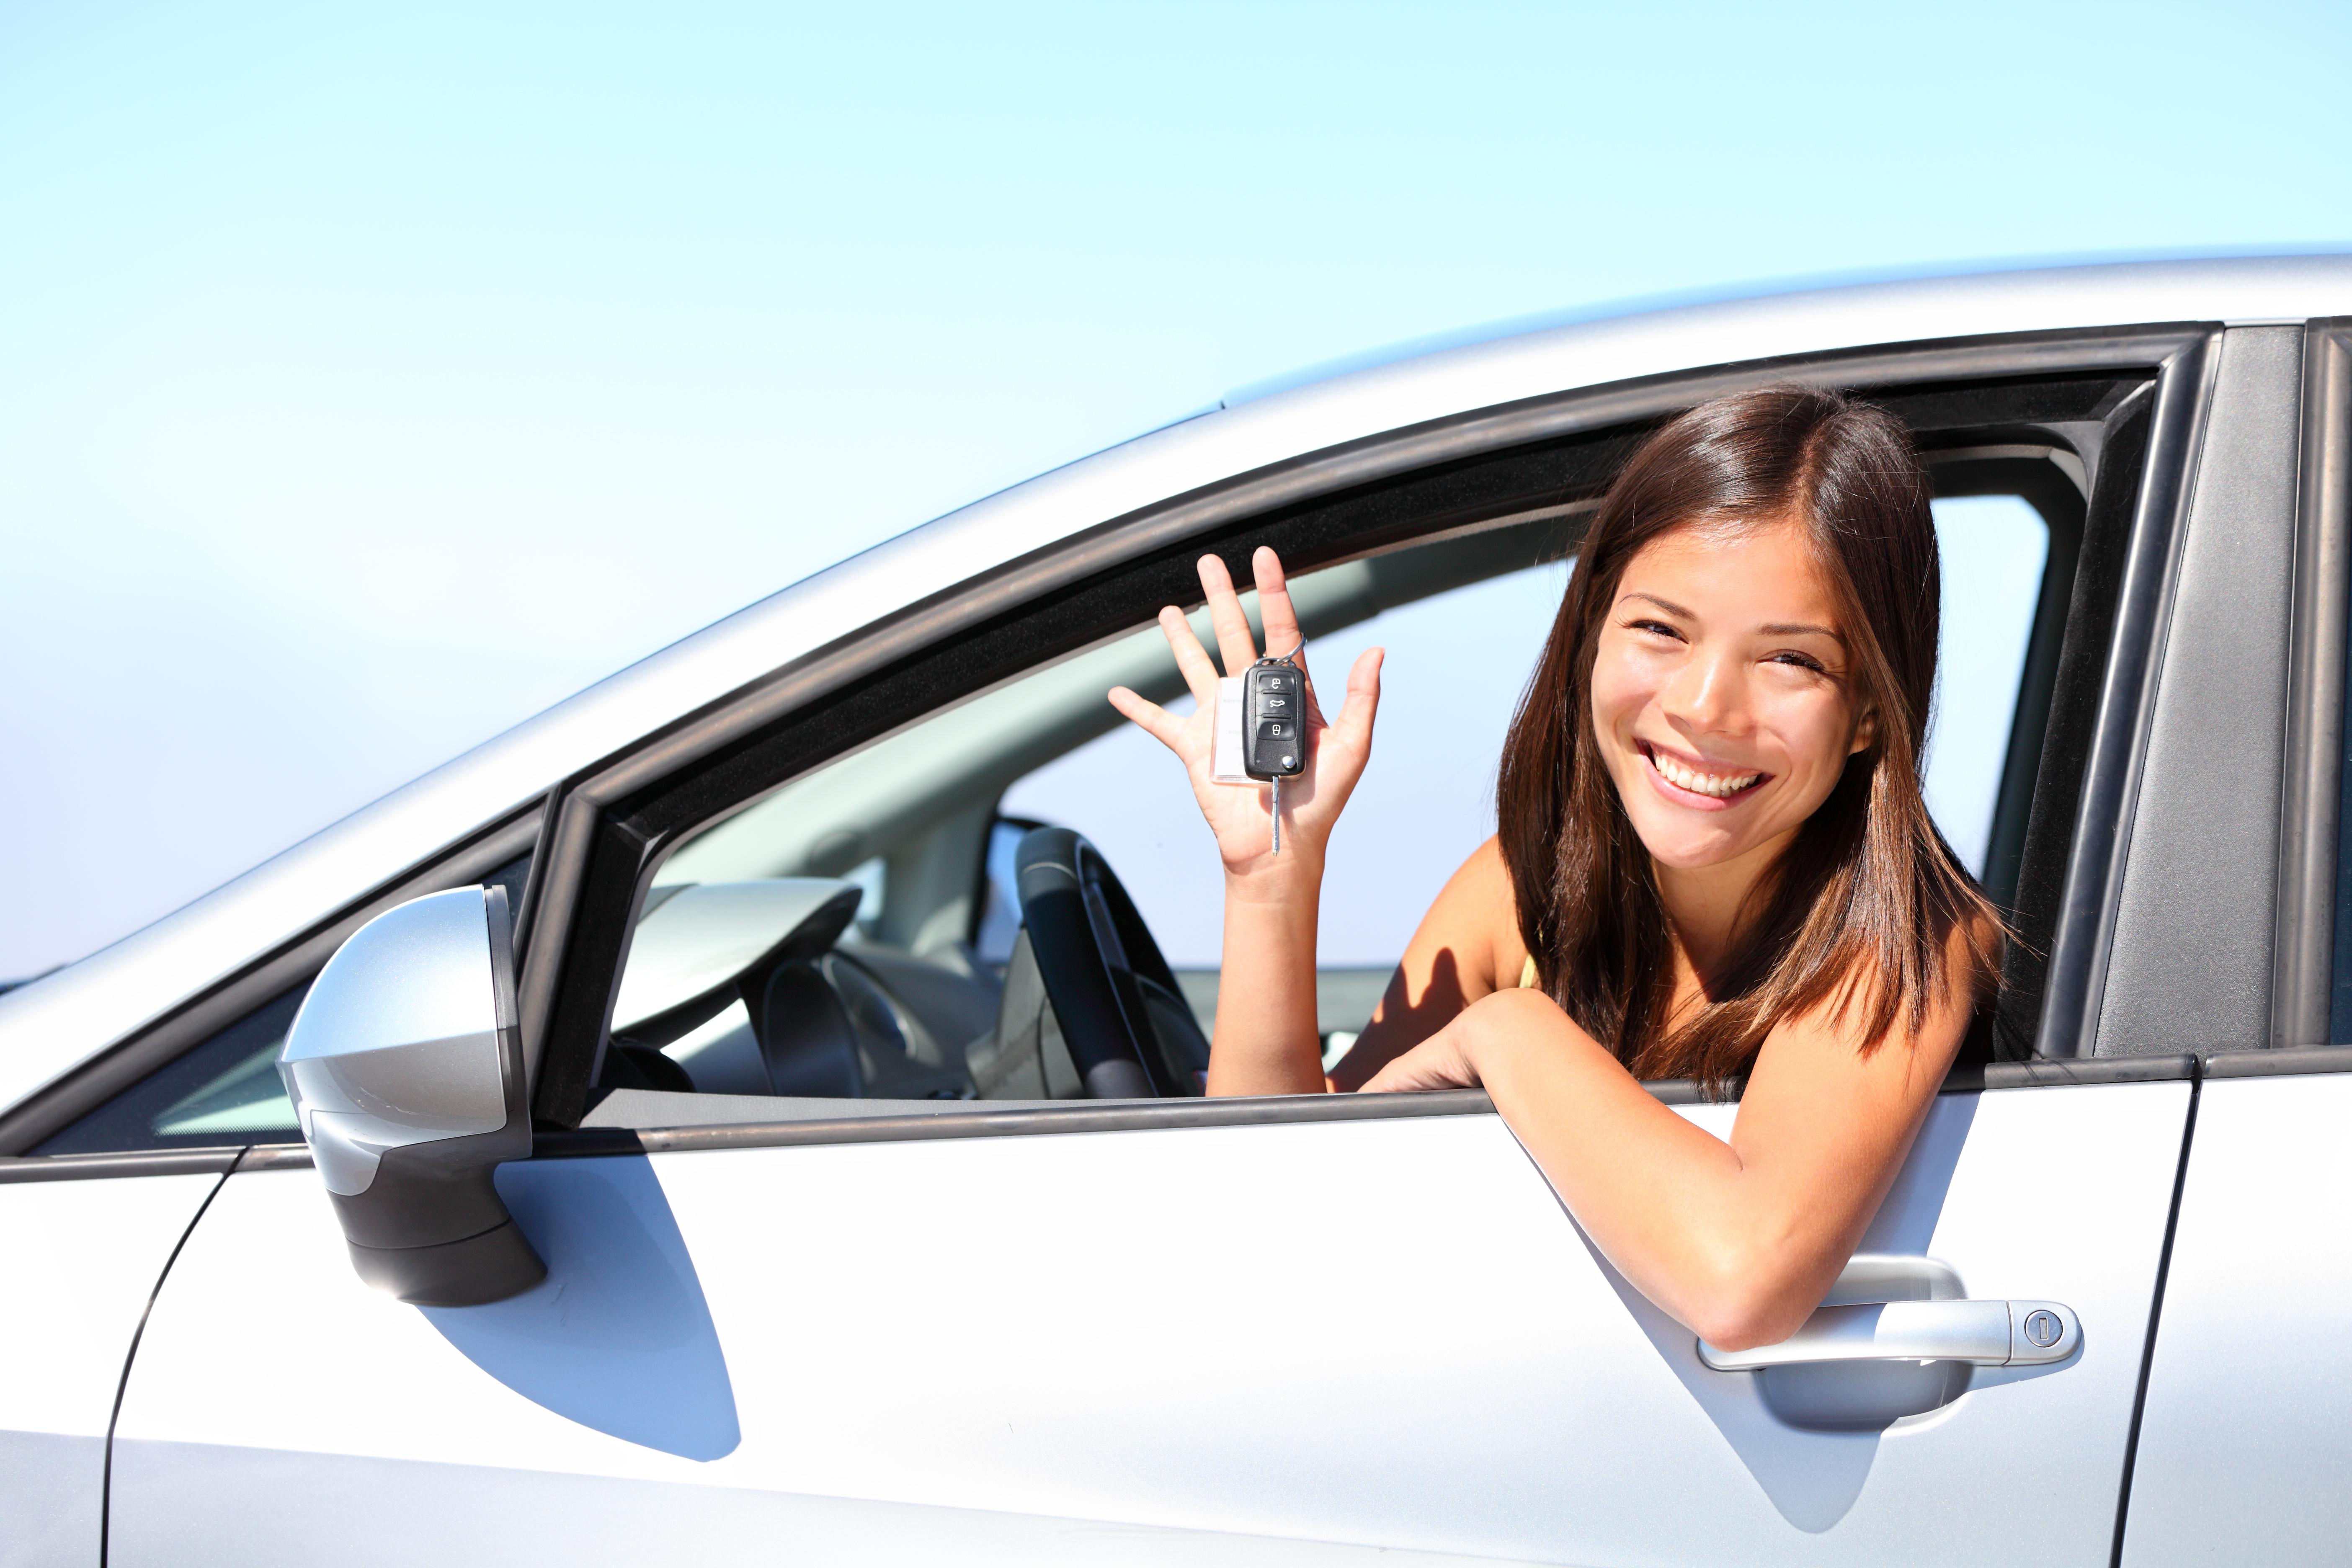 mujer_feliz_en_auto_blanco_con_llaves_en_mano